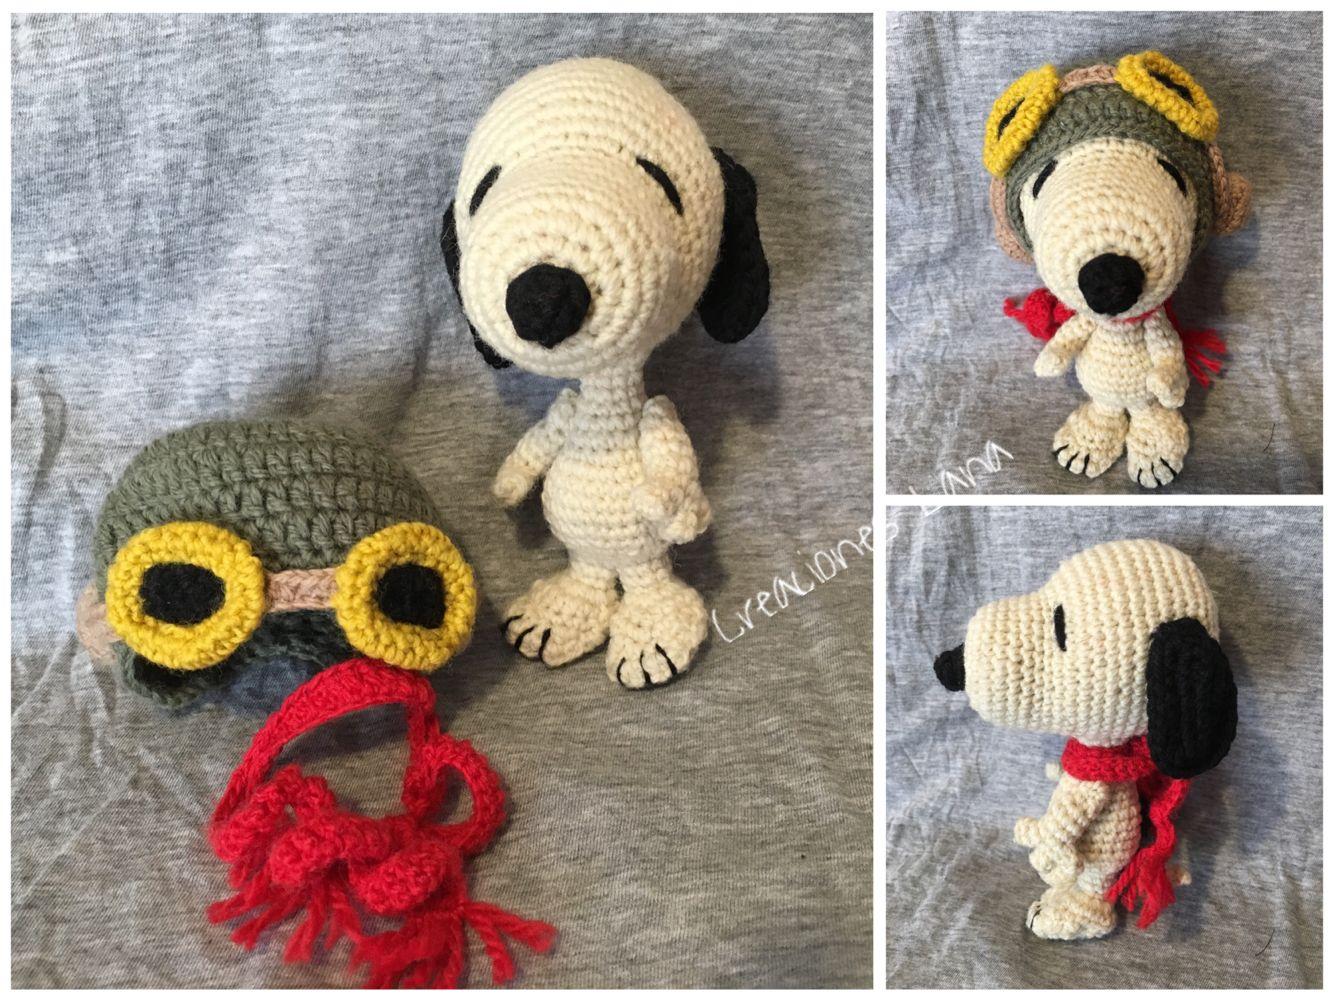 Amigurumi Tutorial Snoopy : Snoopy más accesorios crochet lana creaciones lana pinterest